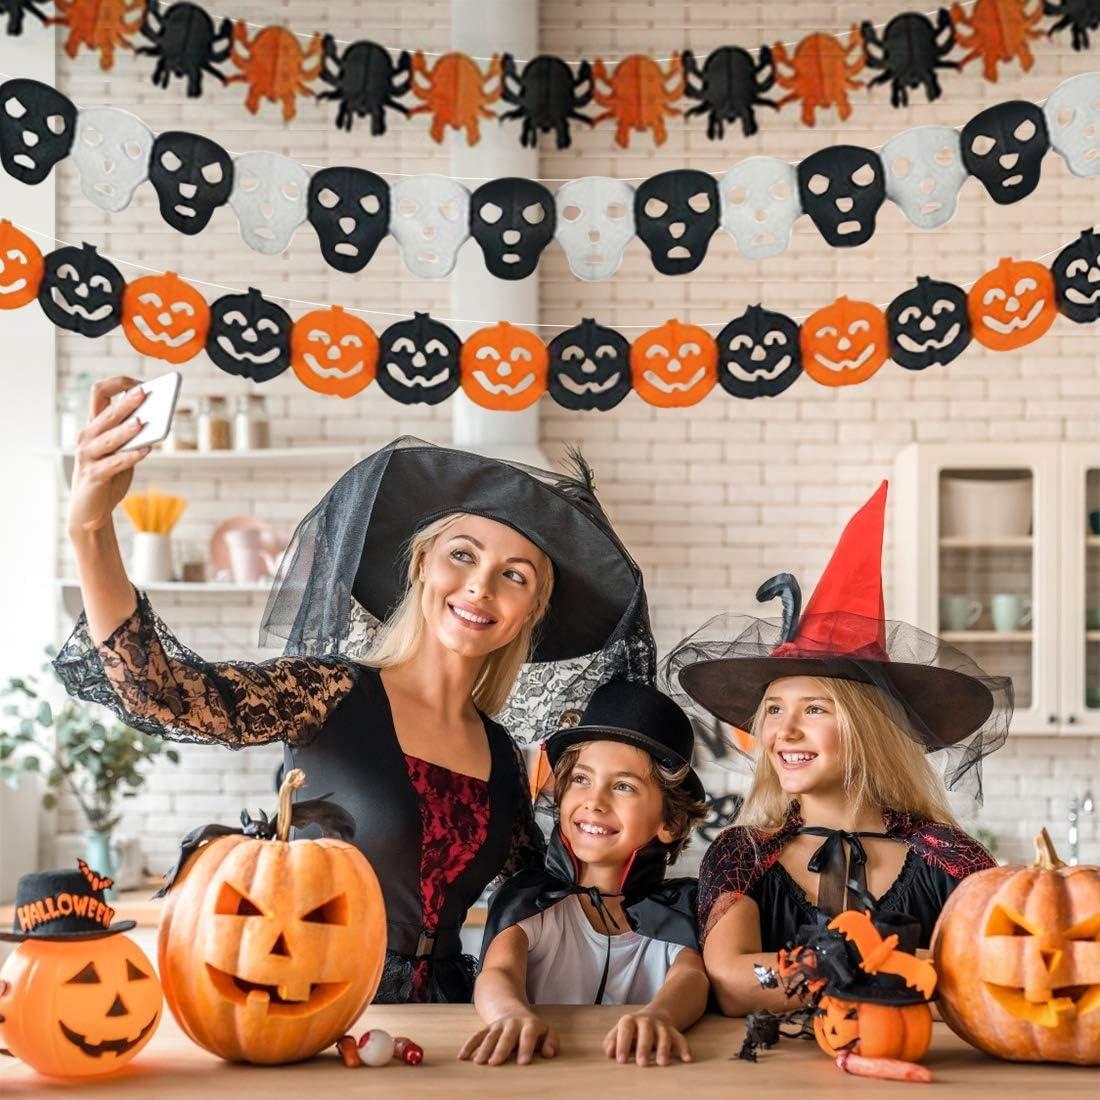 Deco Halloween Decoration Happy Halloween Banniere D/écoration Guirlande Papier Papier dhalloween Ghost Citrouille Chauve-Souris cr/âne t/ête de fant/ôme daraign/ée Banni/ère de Guirlande Halloween